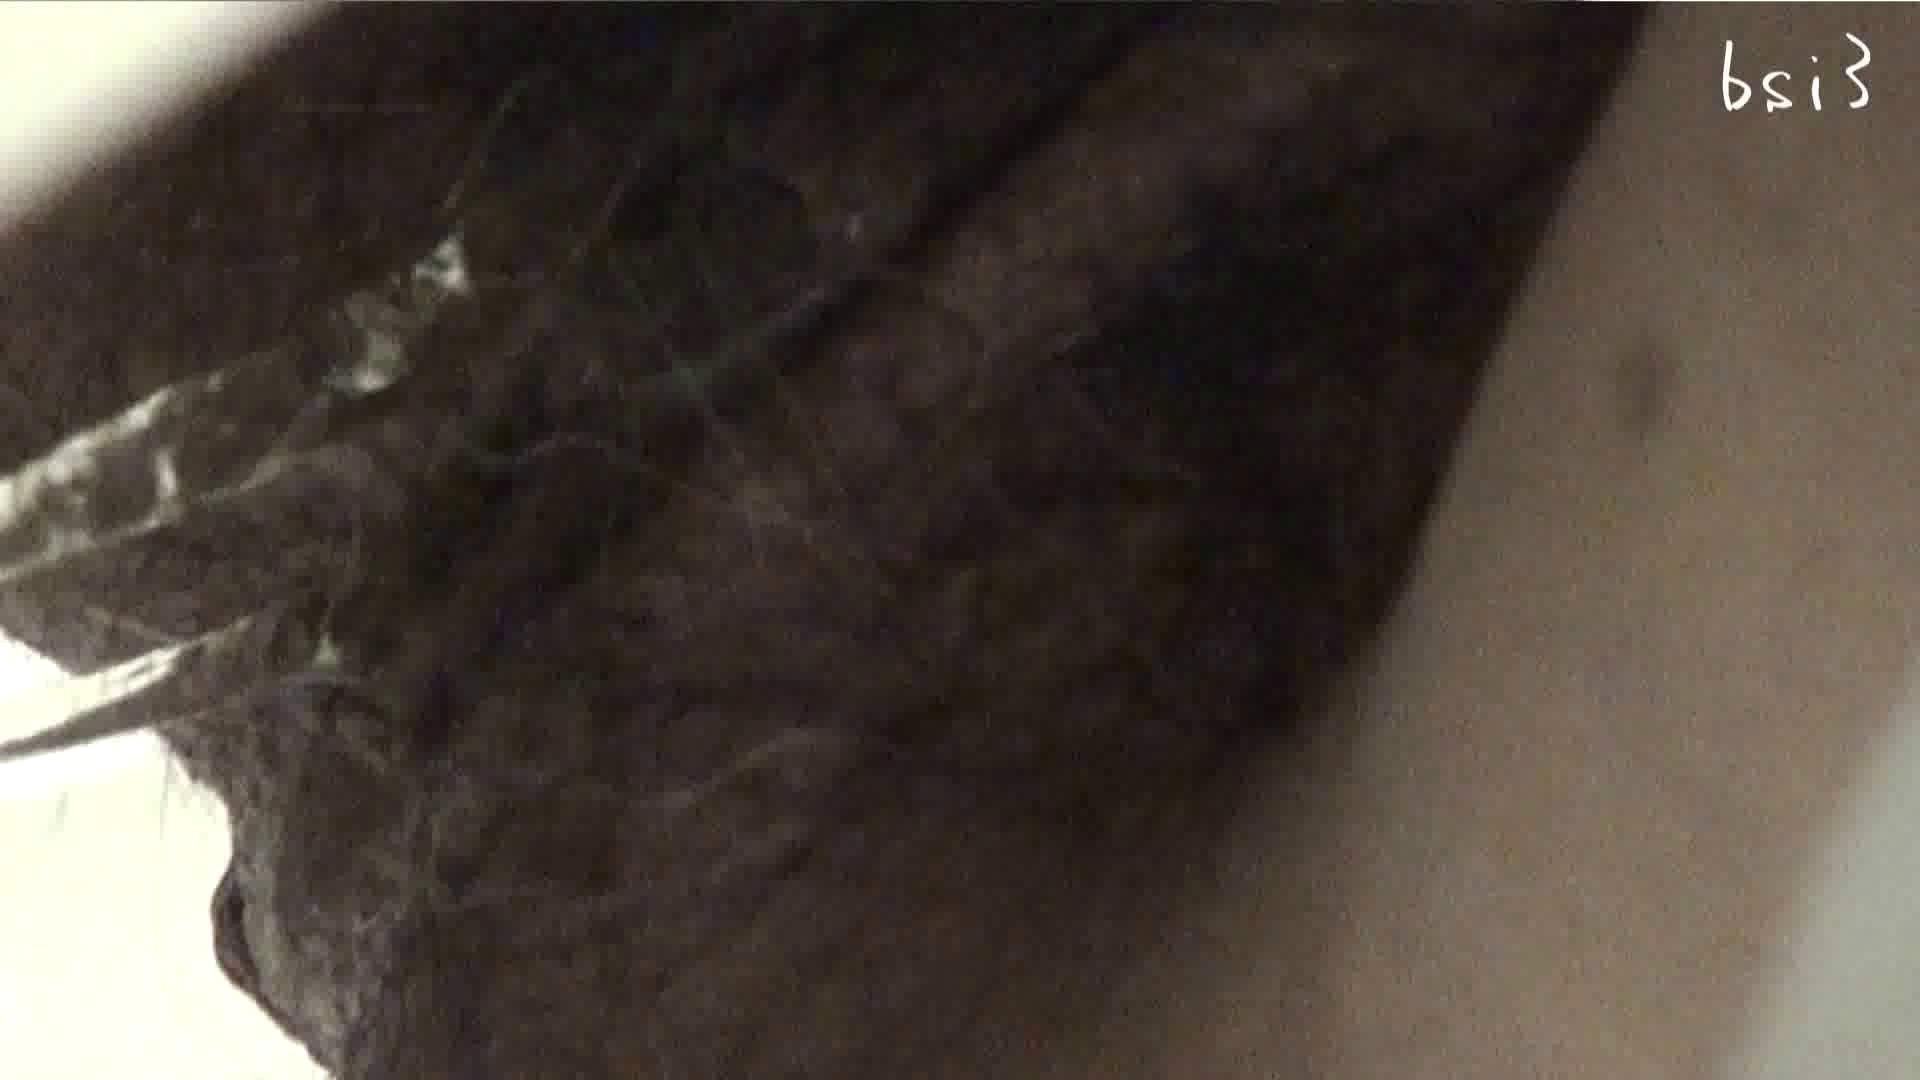 ナースのお小水 vol.003 OLのエロ生活 われめAV動画紹介 101連発 92